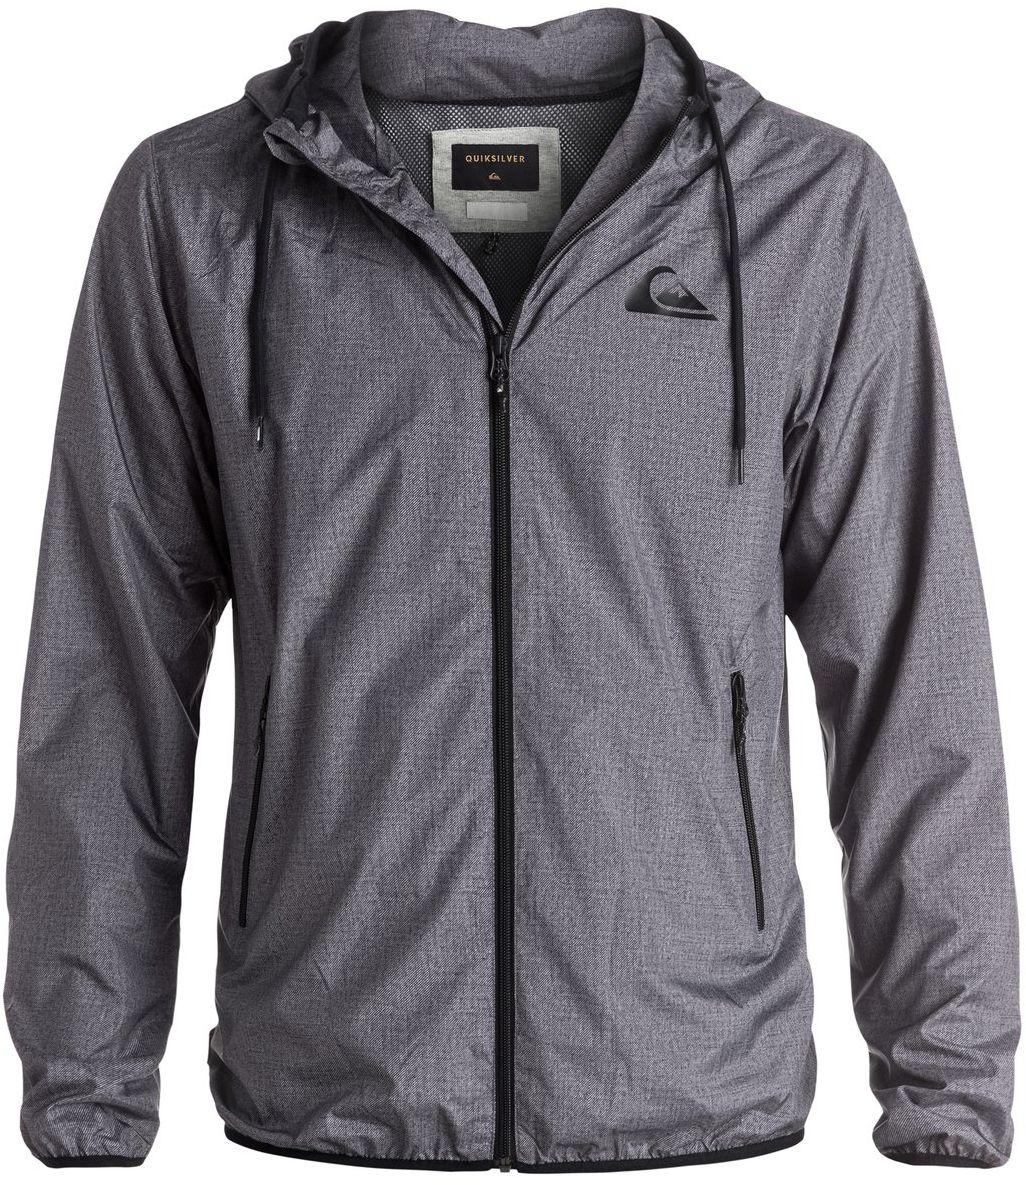 Куртка мужская Quiksilver, цвет: серый. EQYJK03238-KTFH. Размер L (50/52)EQYJK03238-KTFHМужская куртка для Quiksilver выполнена из полиэстера. Модель с длинными рукавами и капюшоном застегивается на застежку-молнию. Изделие имеет спереди два врезных кармана. Рукава и низ куртки дополнены эластичными резинками.